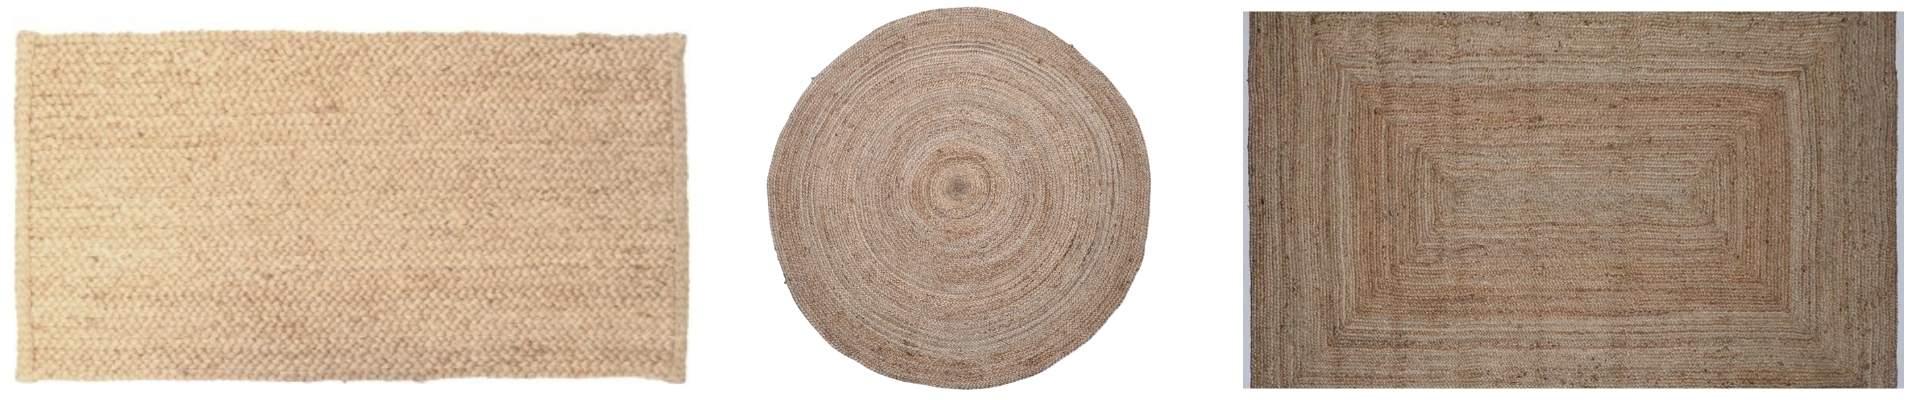 שטיח קש לבית שטיחי קש